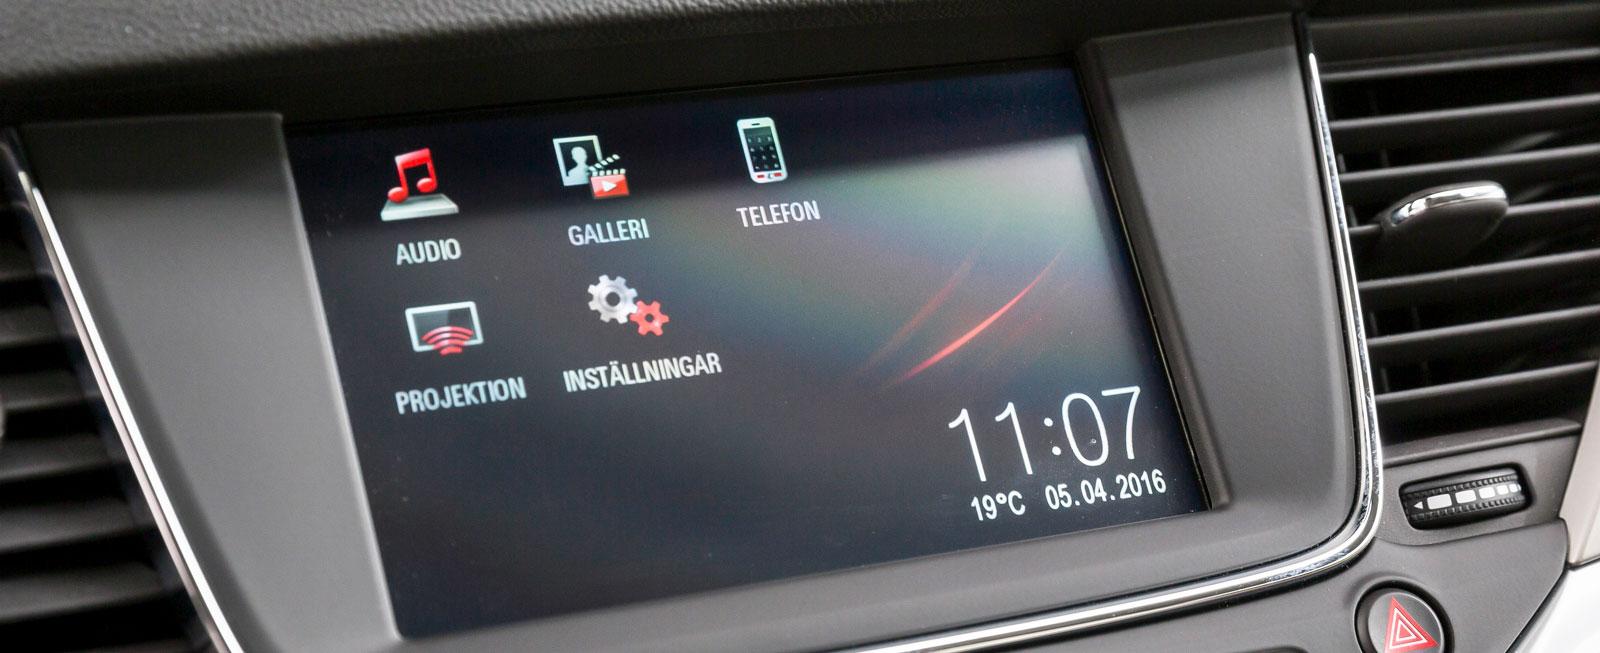 Opels mediesystem har en välplacerad skärm med tydlig grafik och många smarta funktioner. Lätt att sköta och med möjlighet till spegling av telefonen.